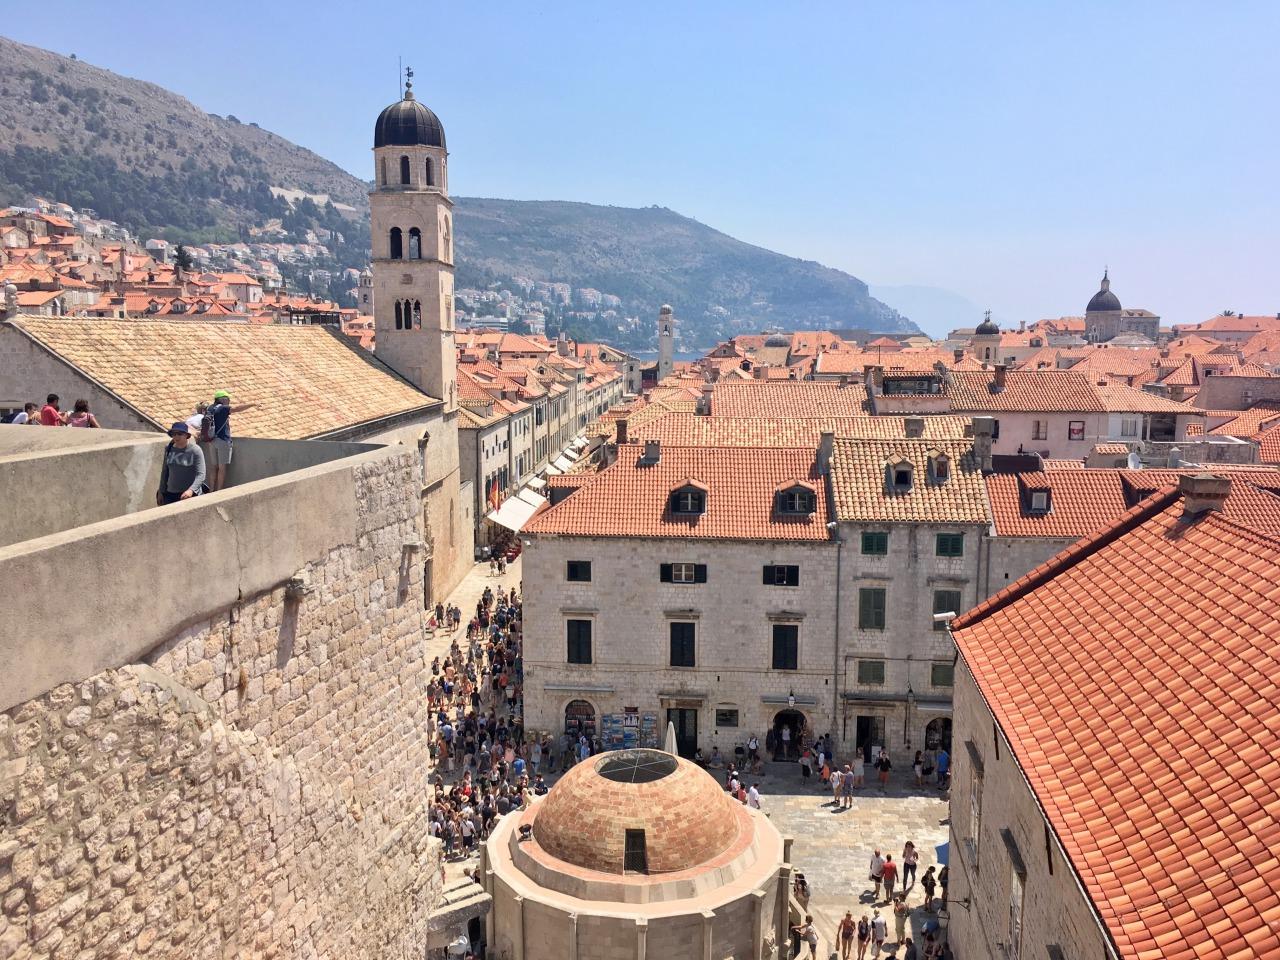 クロアチア・ドブロブニクのおすすめ観光スポット11選・アドリア海の真珠と呼ばれる世界遺産の街を歩こう